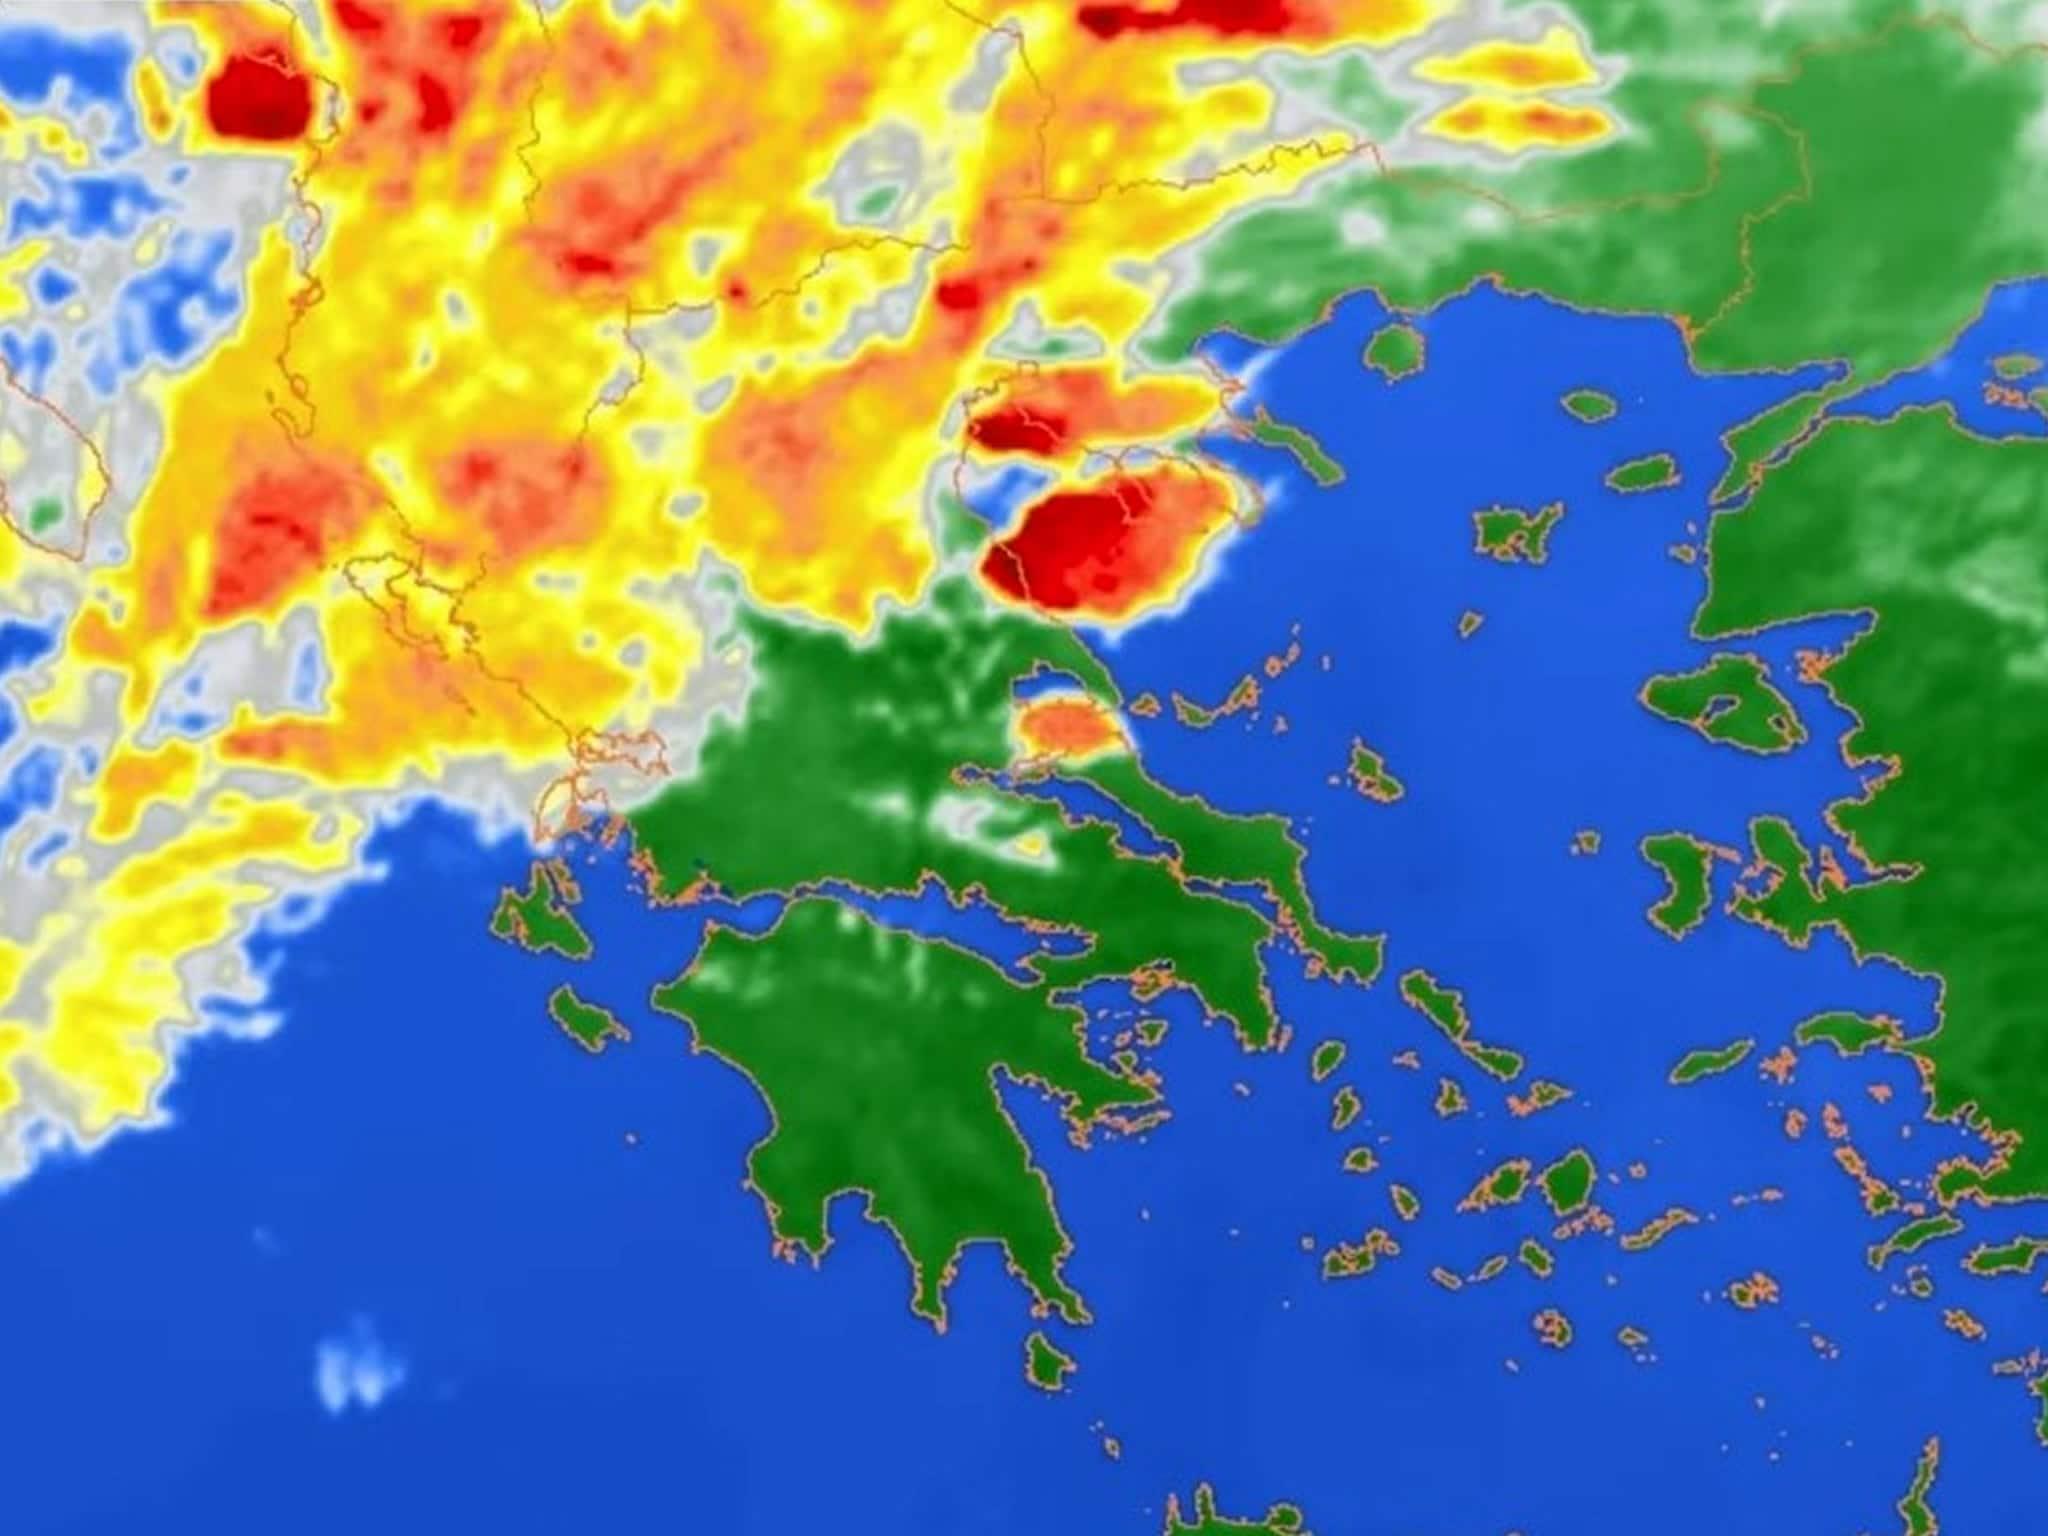 Το φαινόμενο της Ψυχρής λίμνης μετά τις καταστροφές με τις πλημμύρες που έκανε στην Γερμανία και στο Βέλγιο έρχεται και στην Ελλάδα